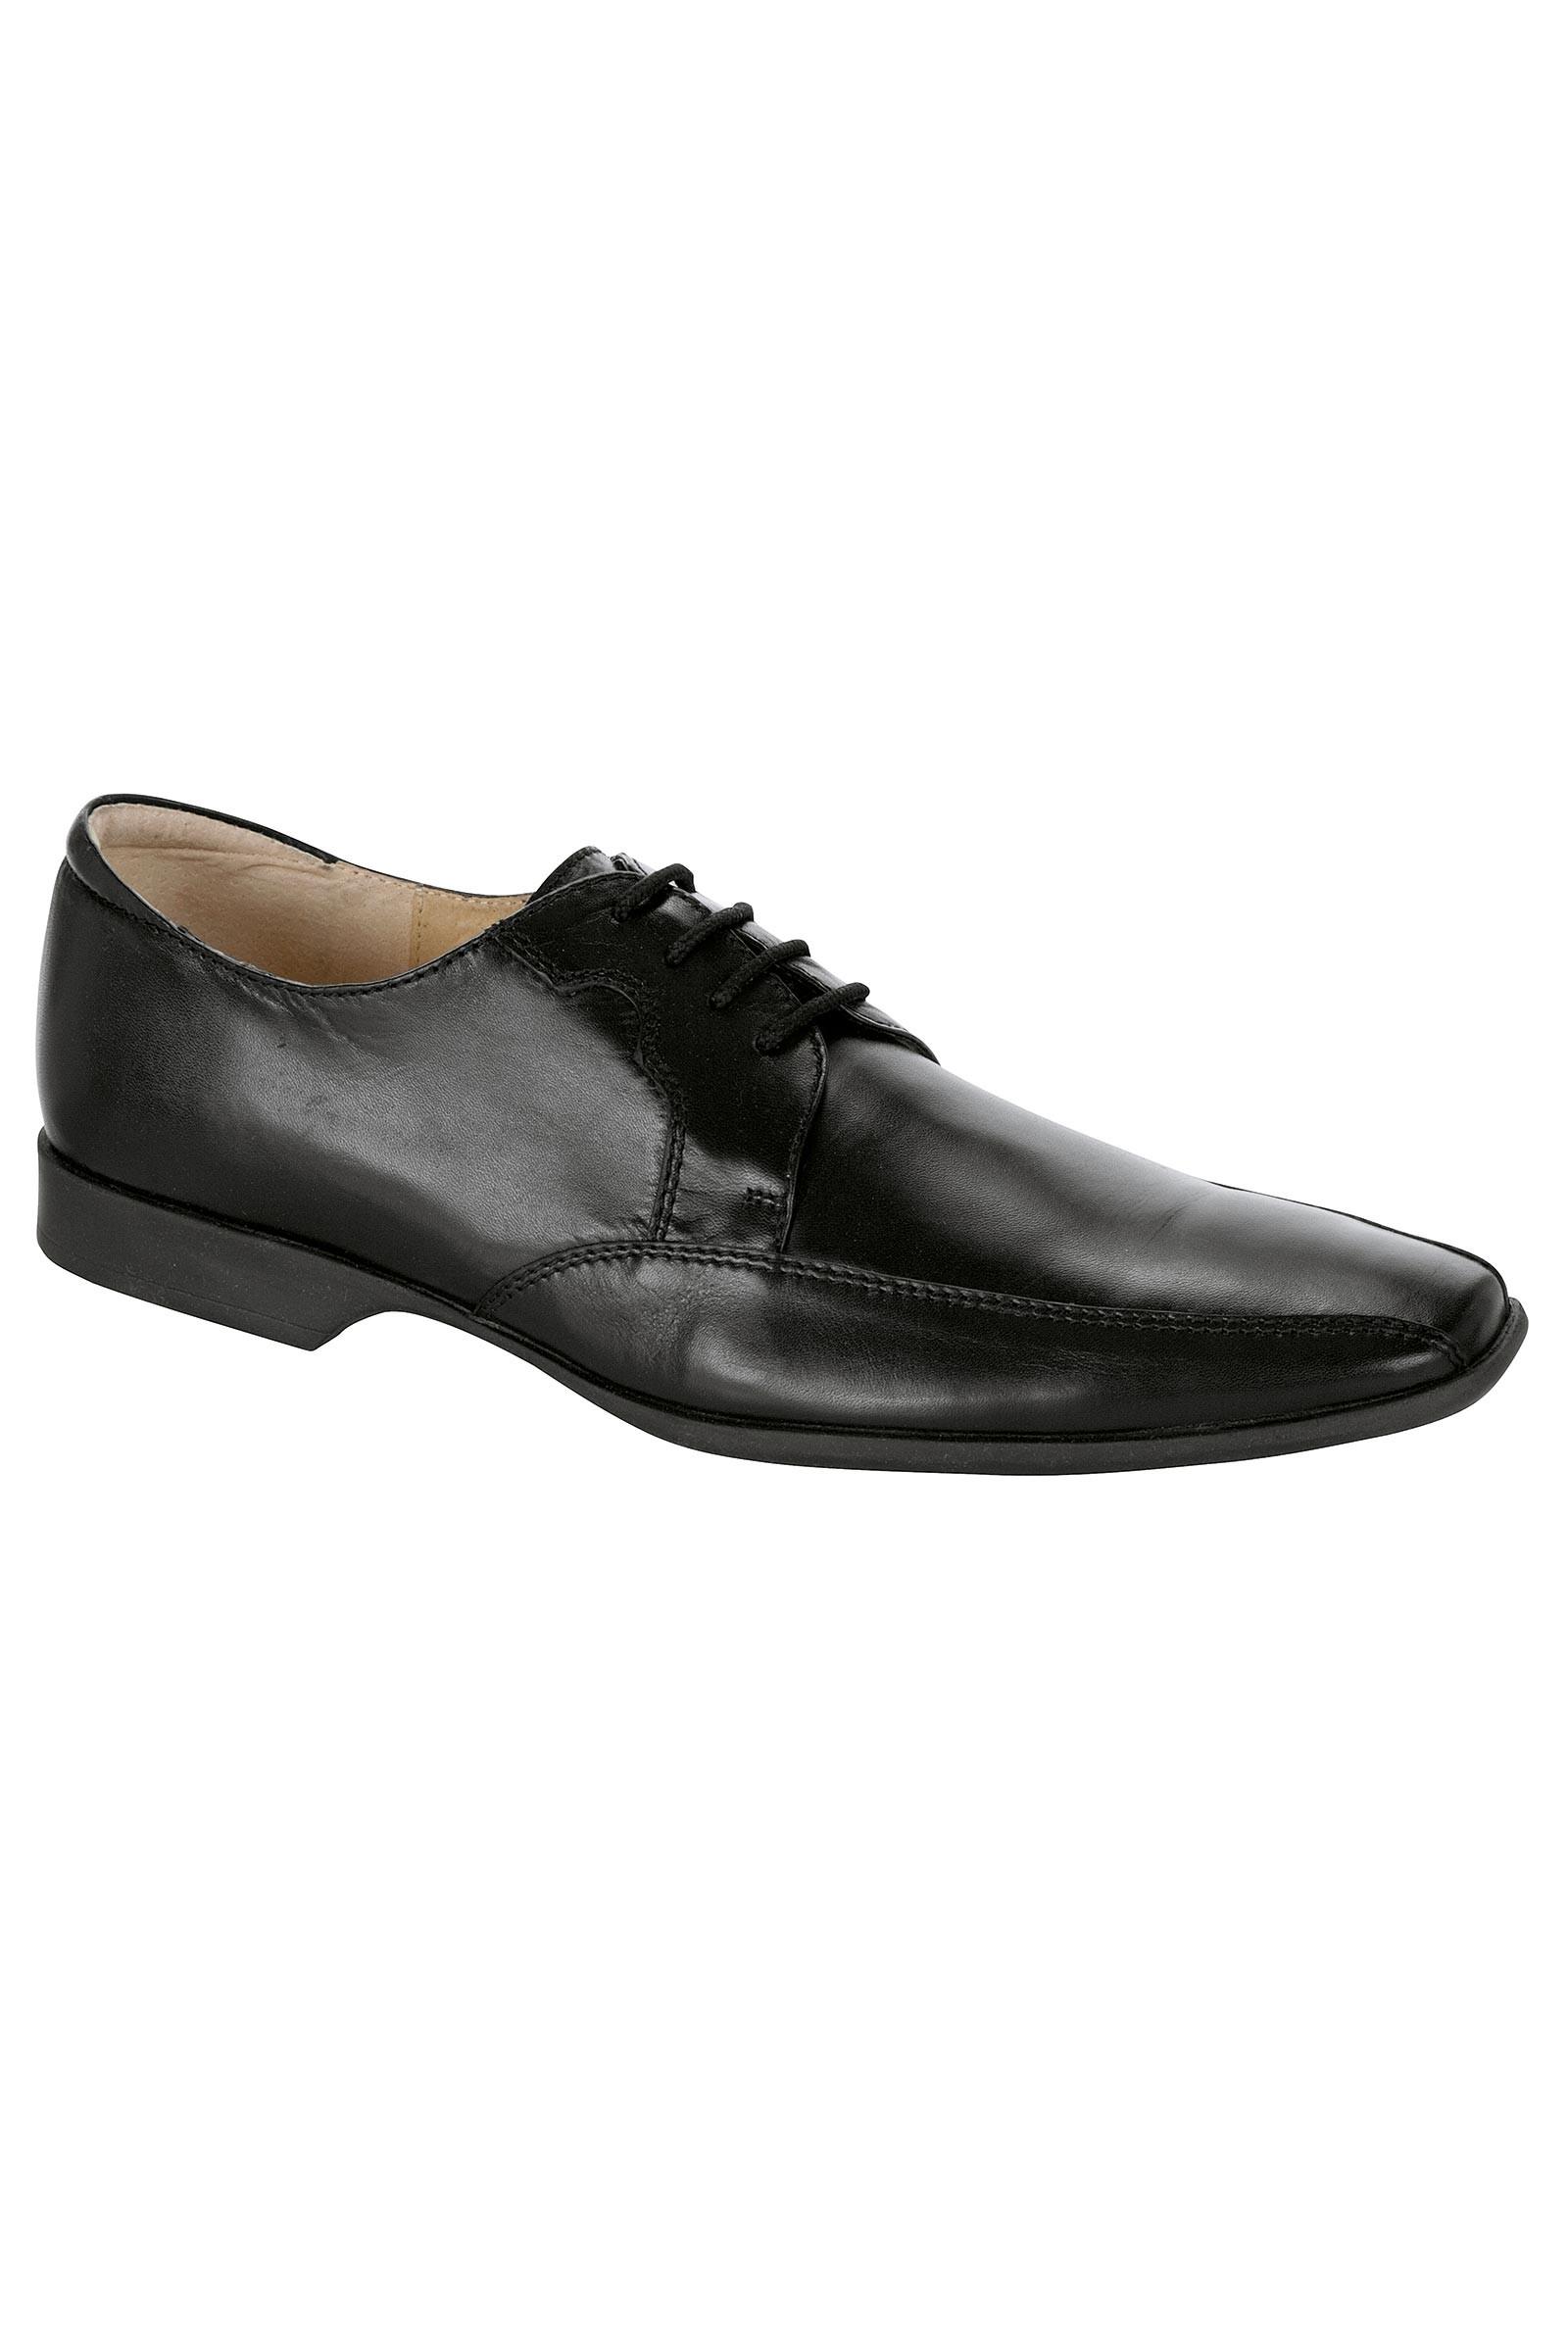 Chaussures addiction : Ce que vous devez savoir pour bien acheter votre future paire de chaussures